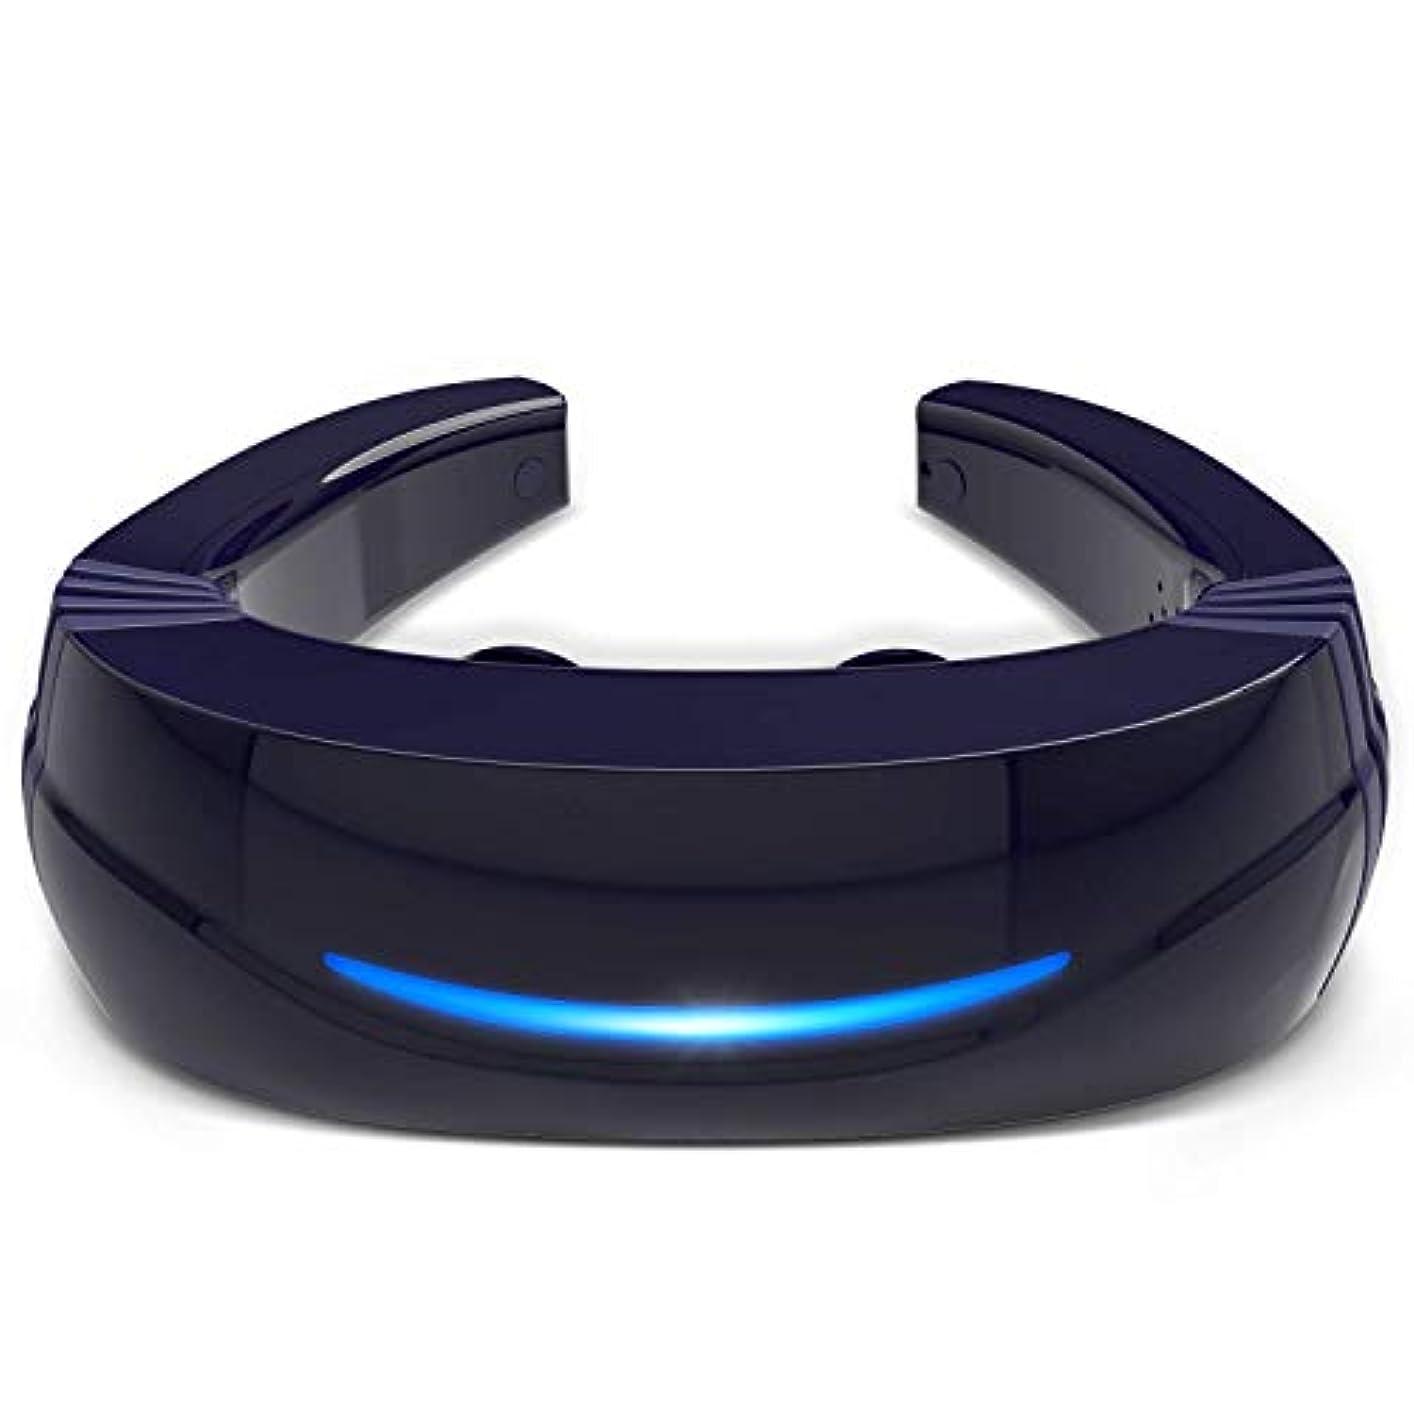 新年詩人一般化するHipoo ネックマッサージャー 首マッサージ 低周波 マッサージ器 ストレス解消 USB充電式 日本語説明書 電極パッド2つ付き 音声式